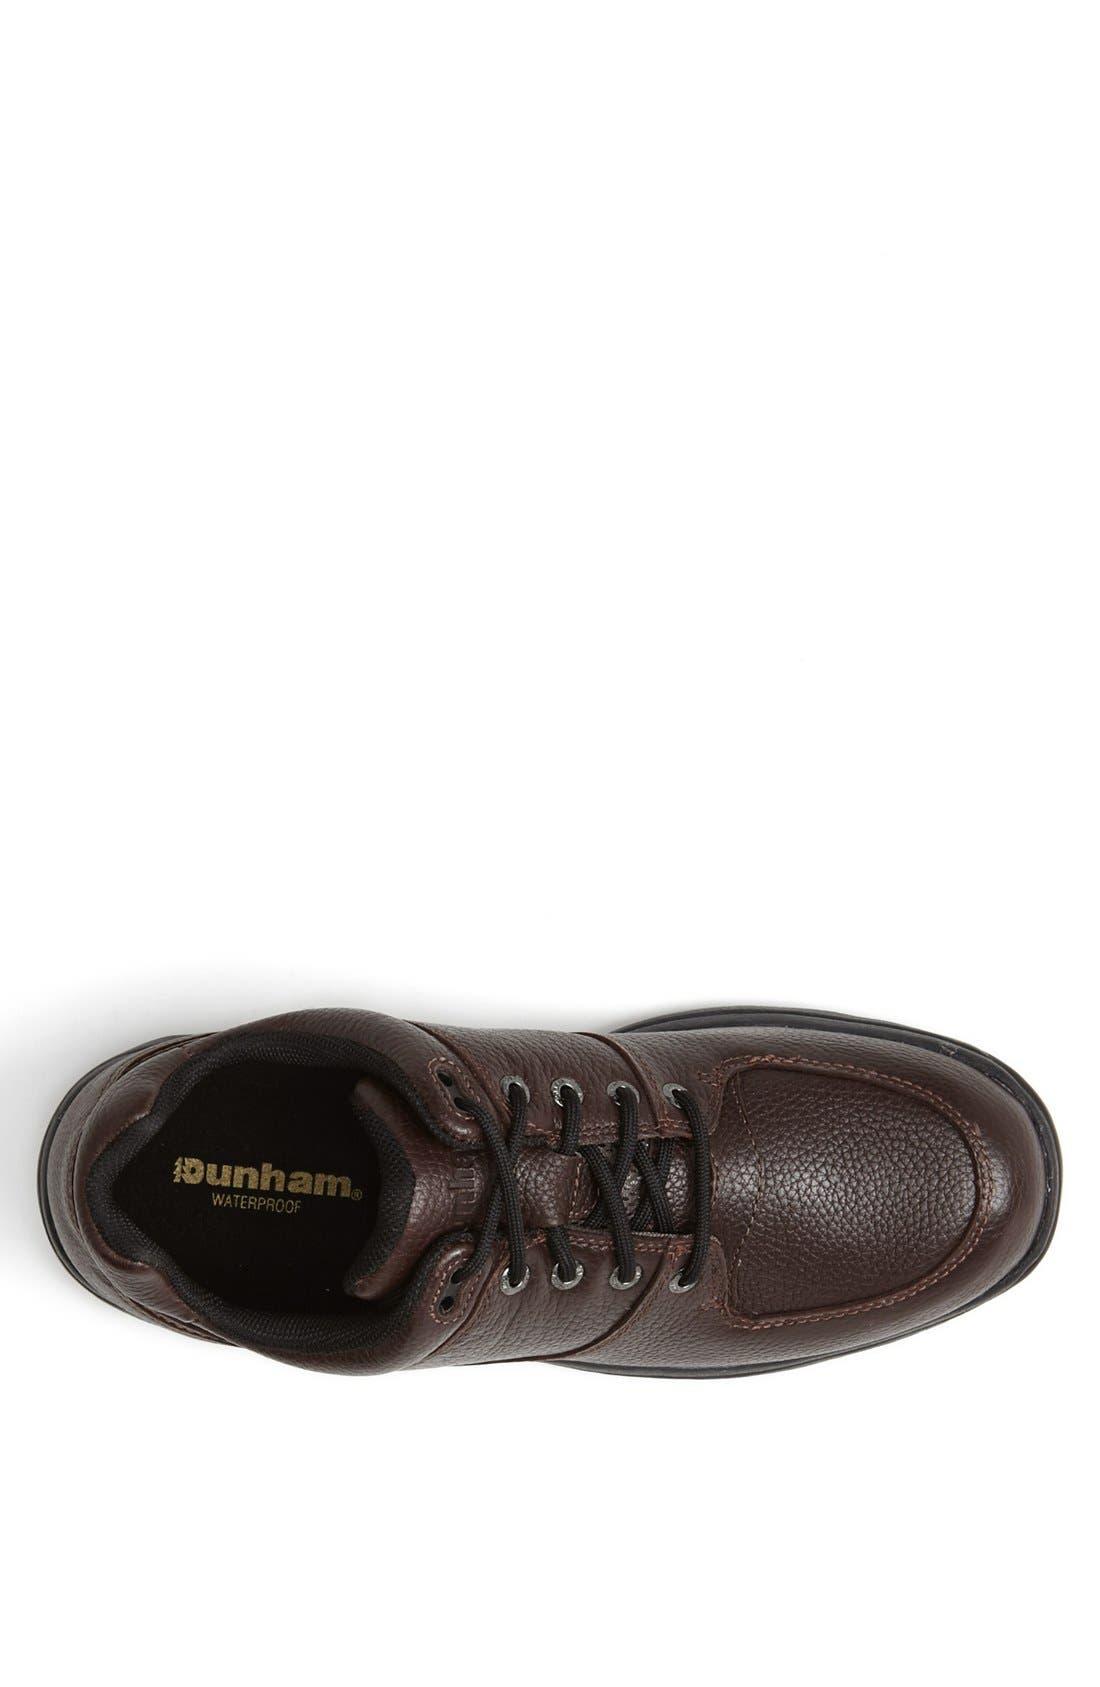 Alternate Image 3  - Dunham 'Windsor' Sneaker